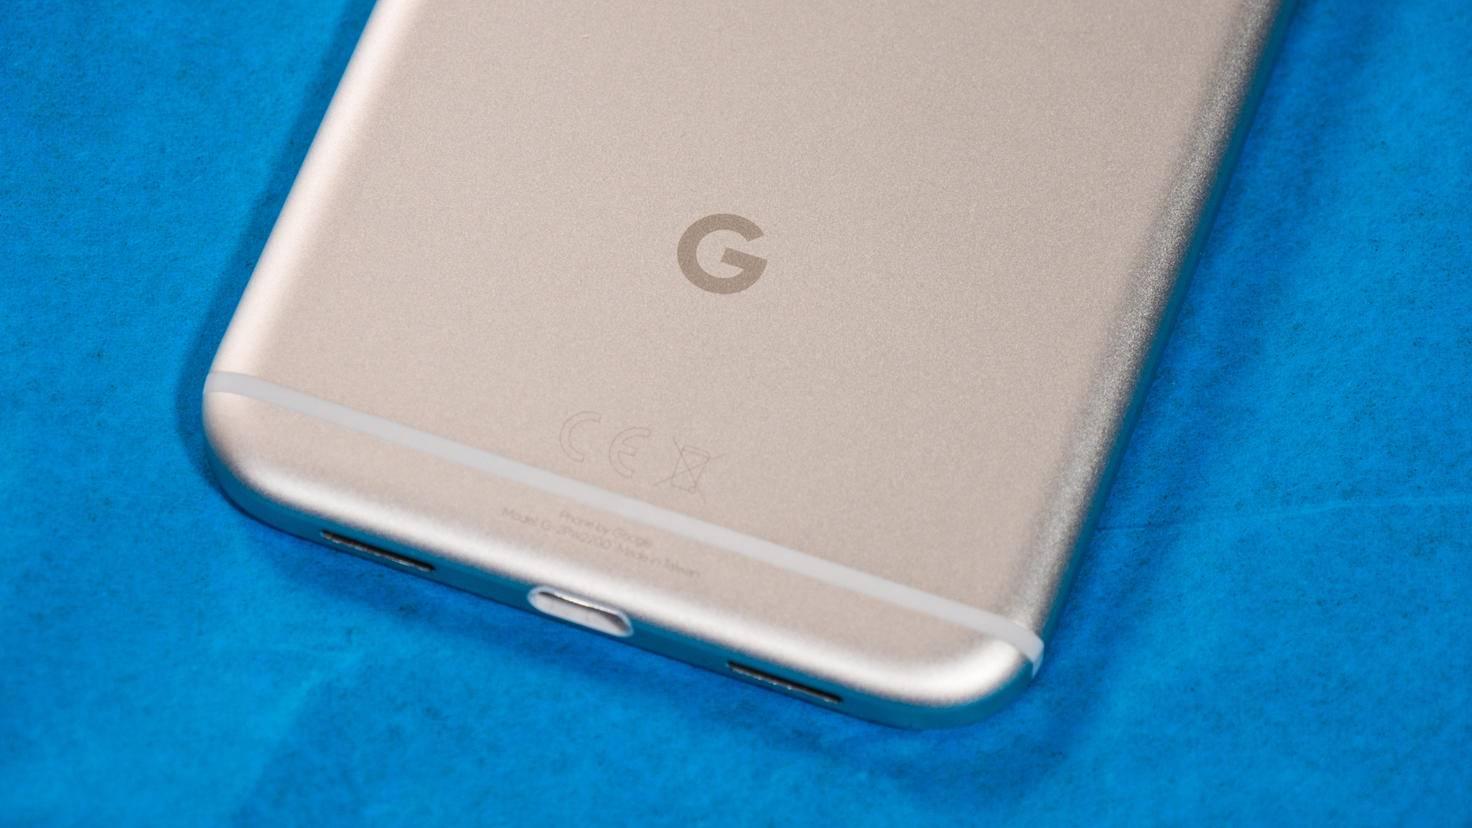 Auf der Rückseite prangt allerdings das Google-Logo.